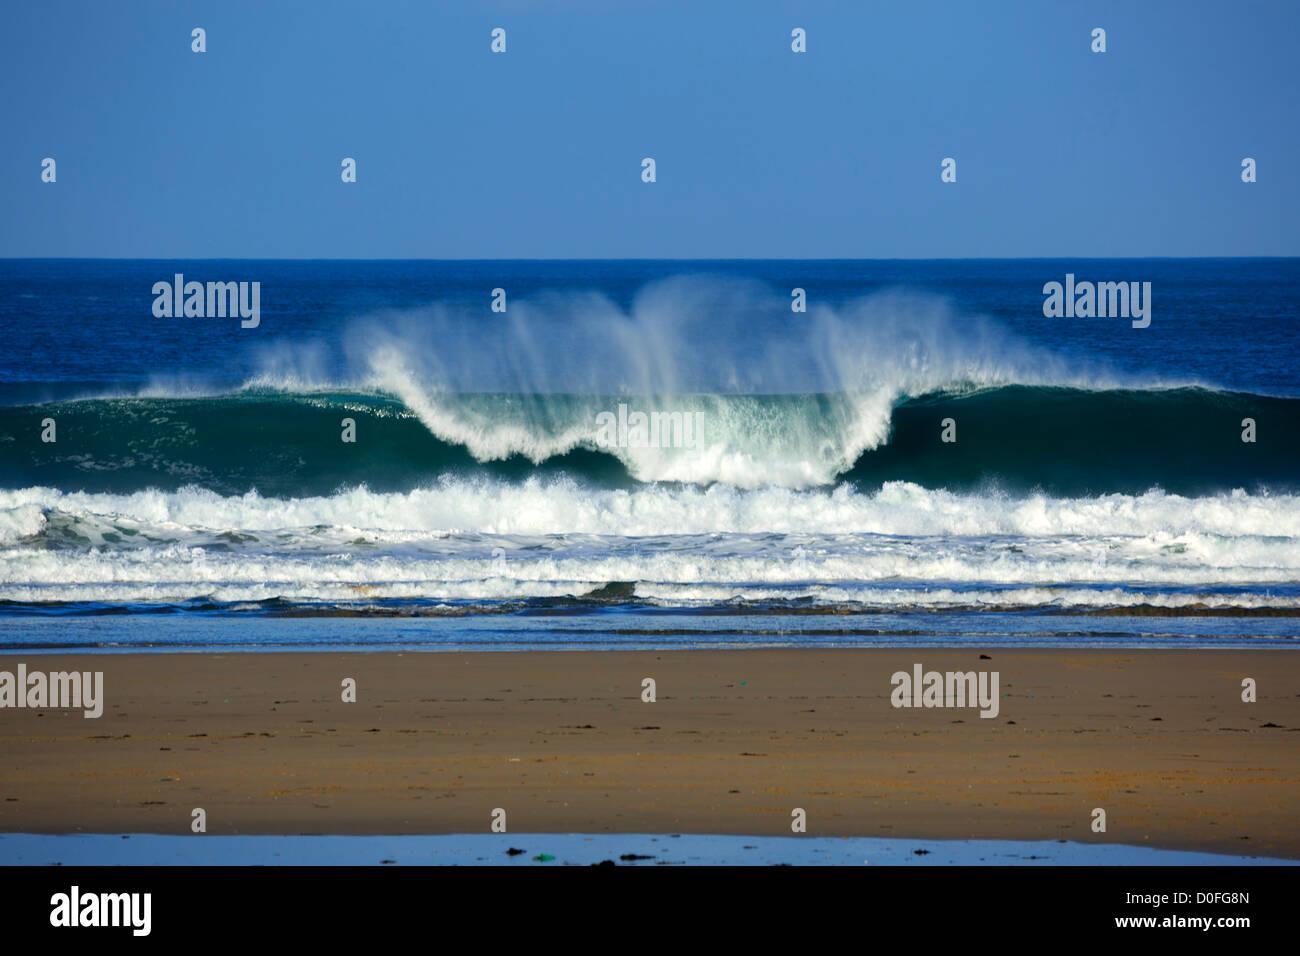 Portreath, Cornwall. Une vague se brise sur la plage. Photo Stock